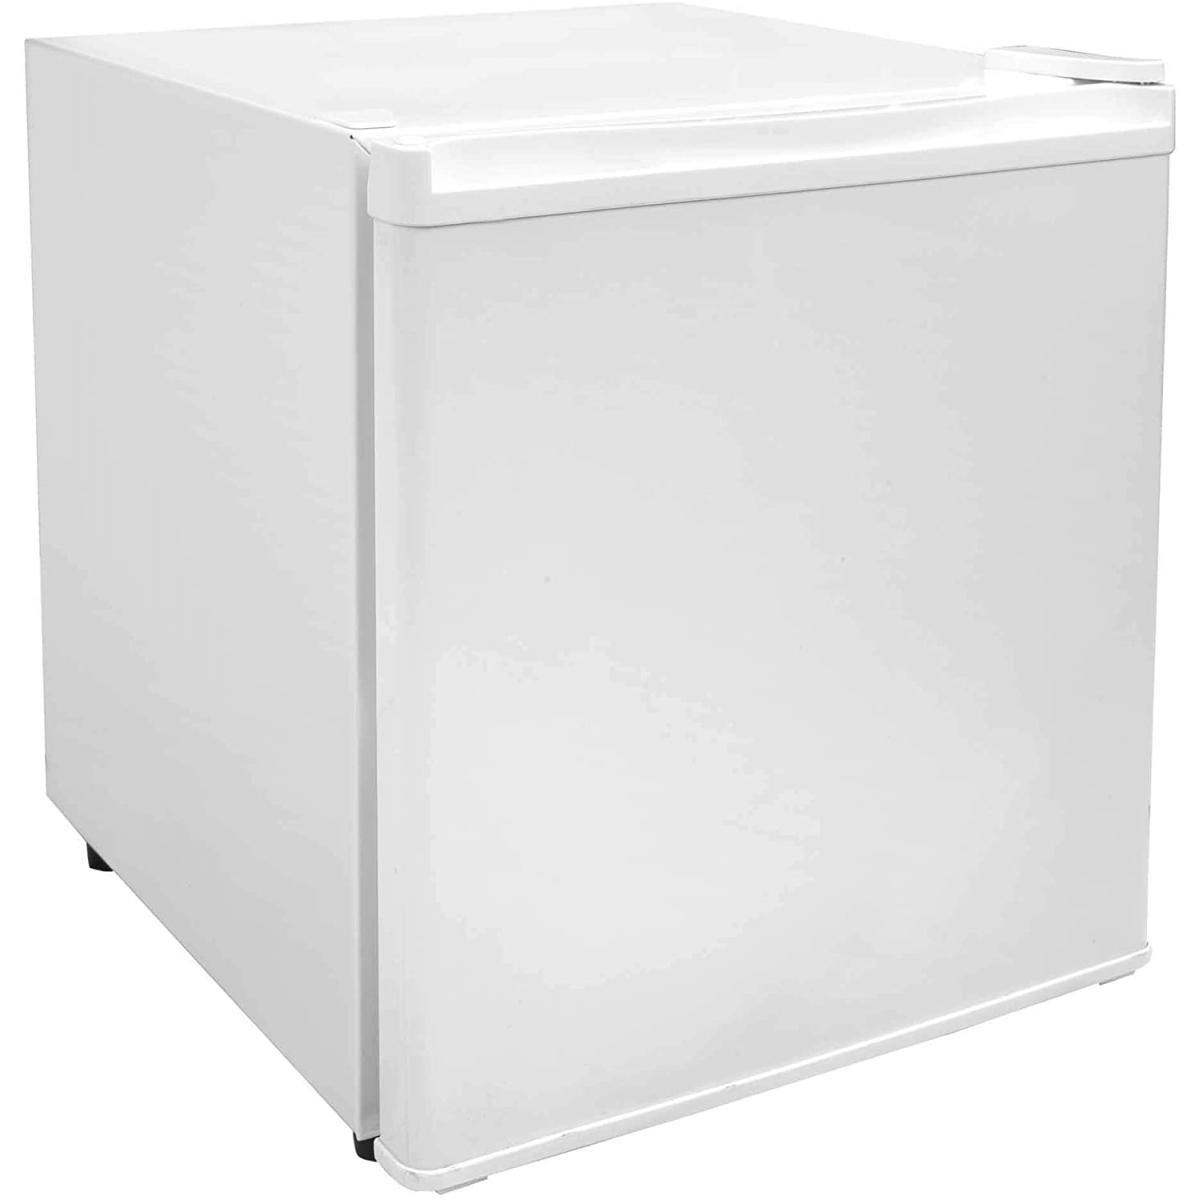 Lacor Réfrigérateur mini-bar 40 Lts. 70 W. - Lacor 69070